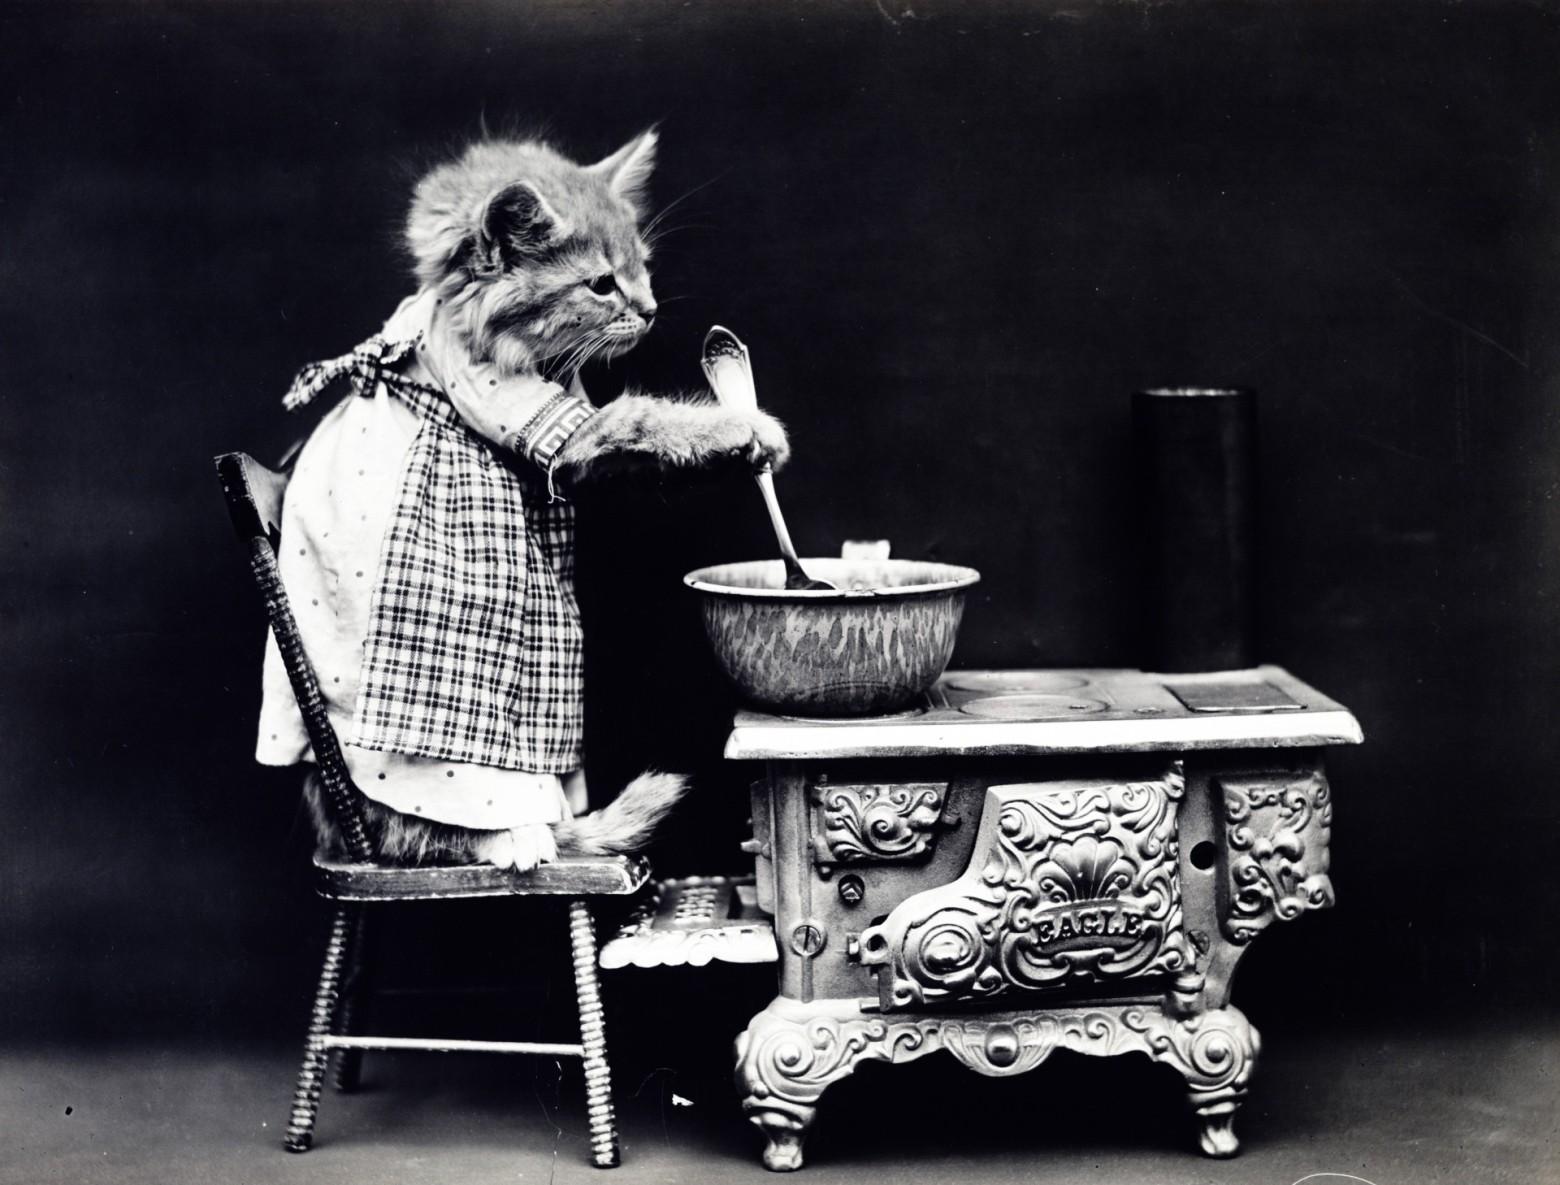 Préférence images photos drôles vintage cuisinier images photos gratuites  XR64